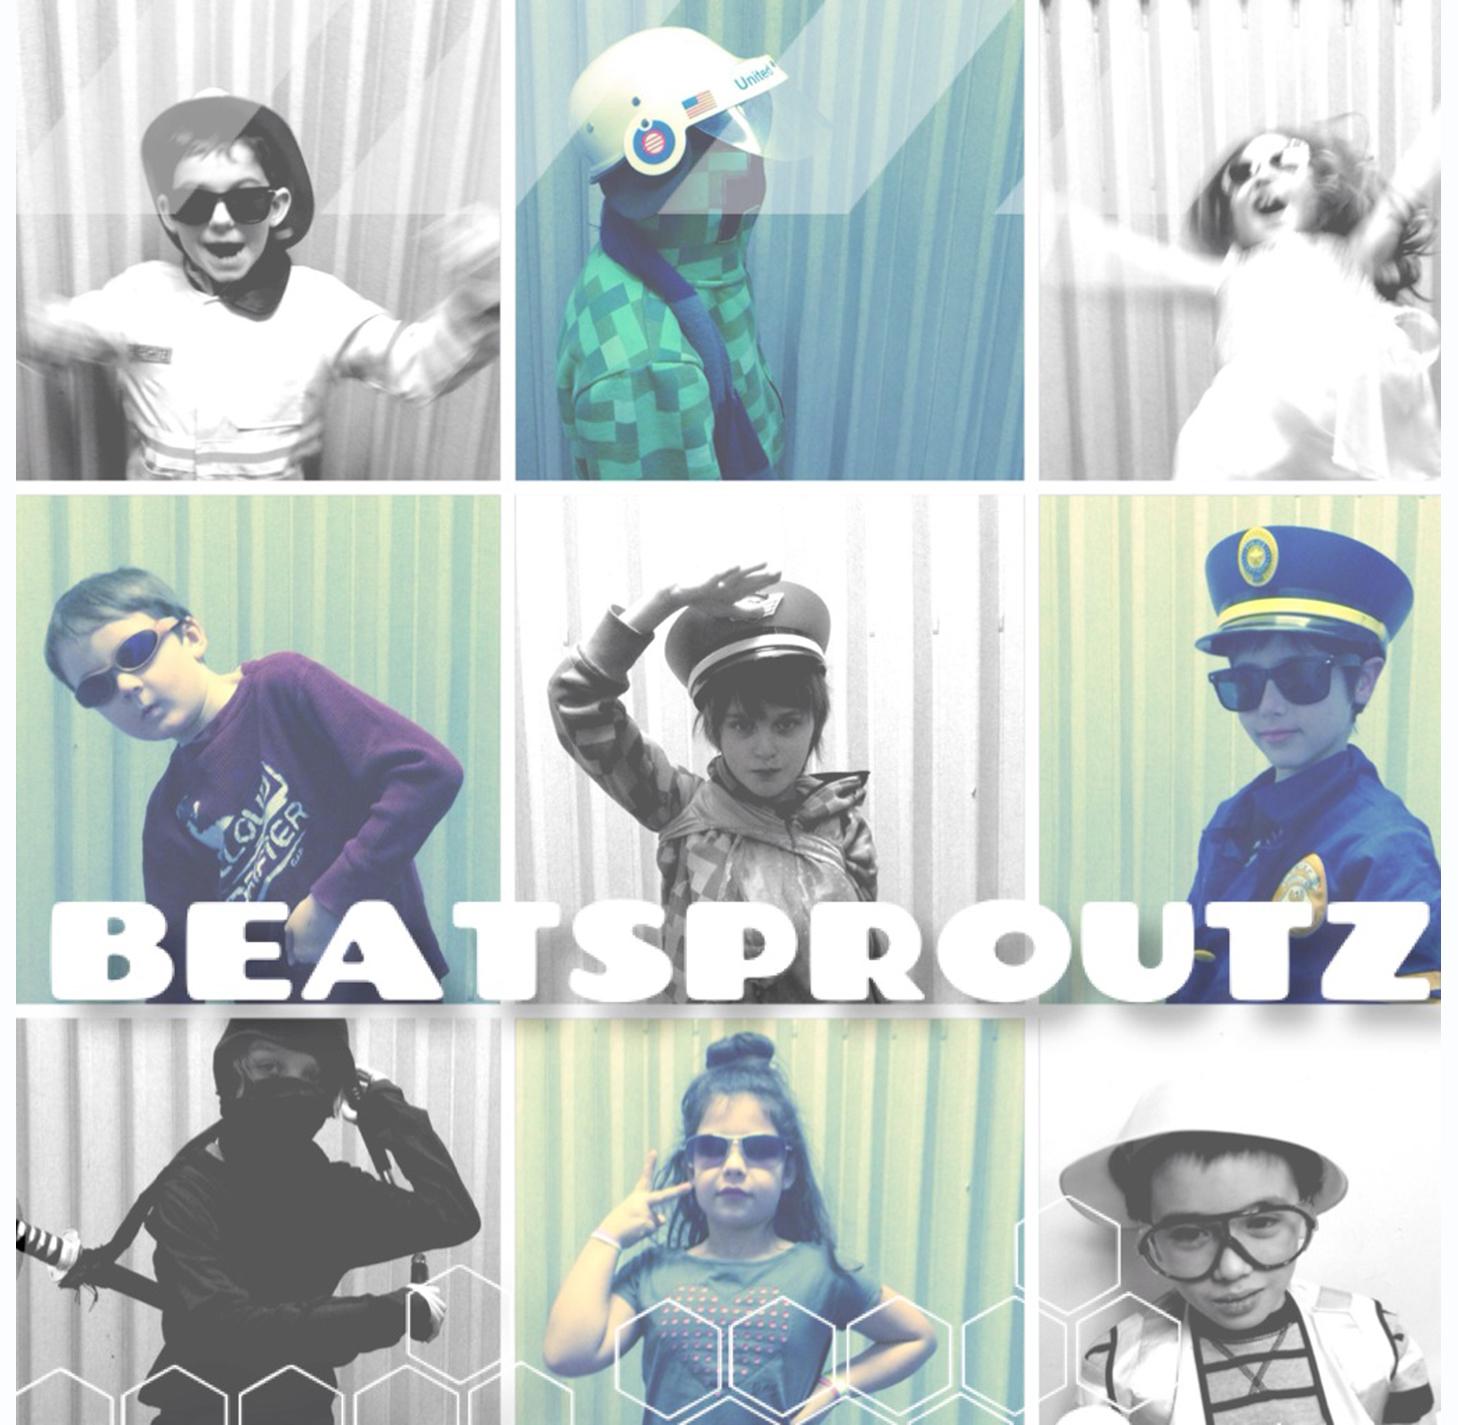 beatsproutz cover.jpg